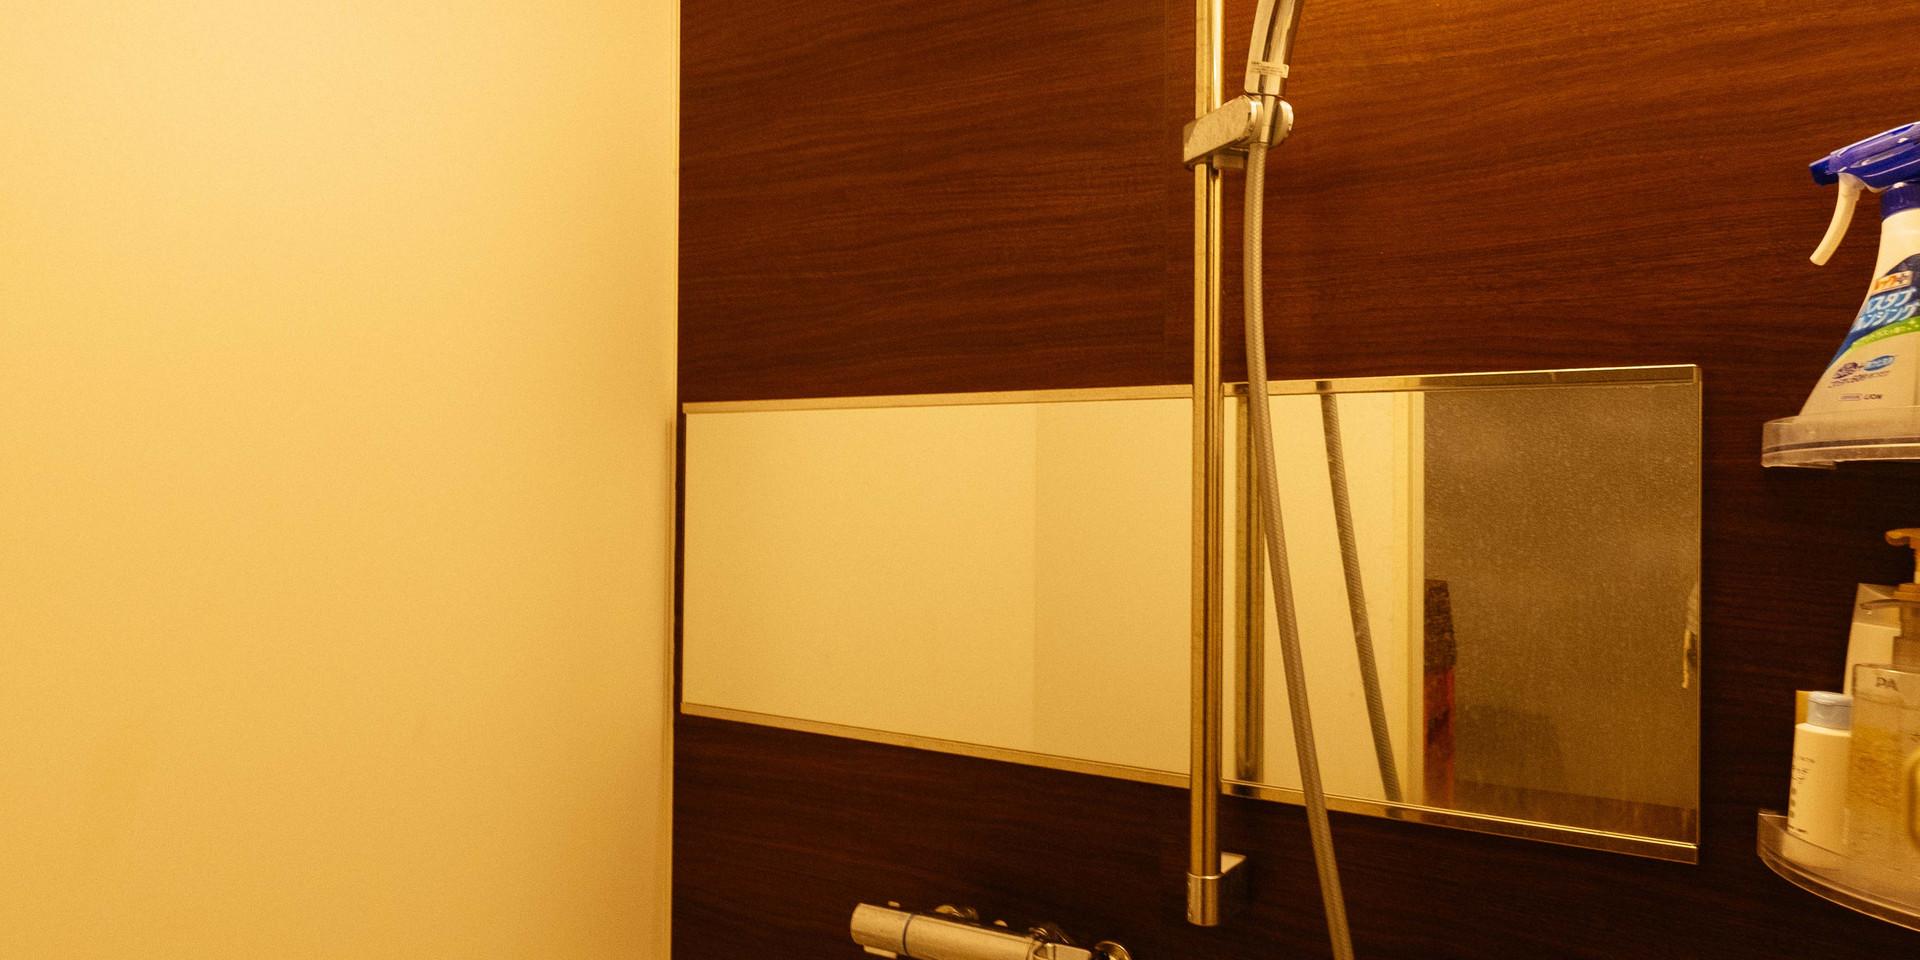 シャワールーム.jpg